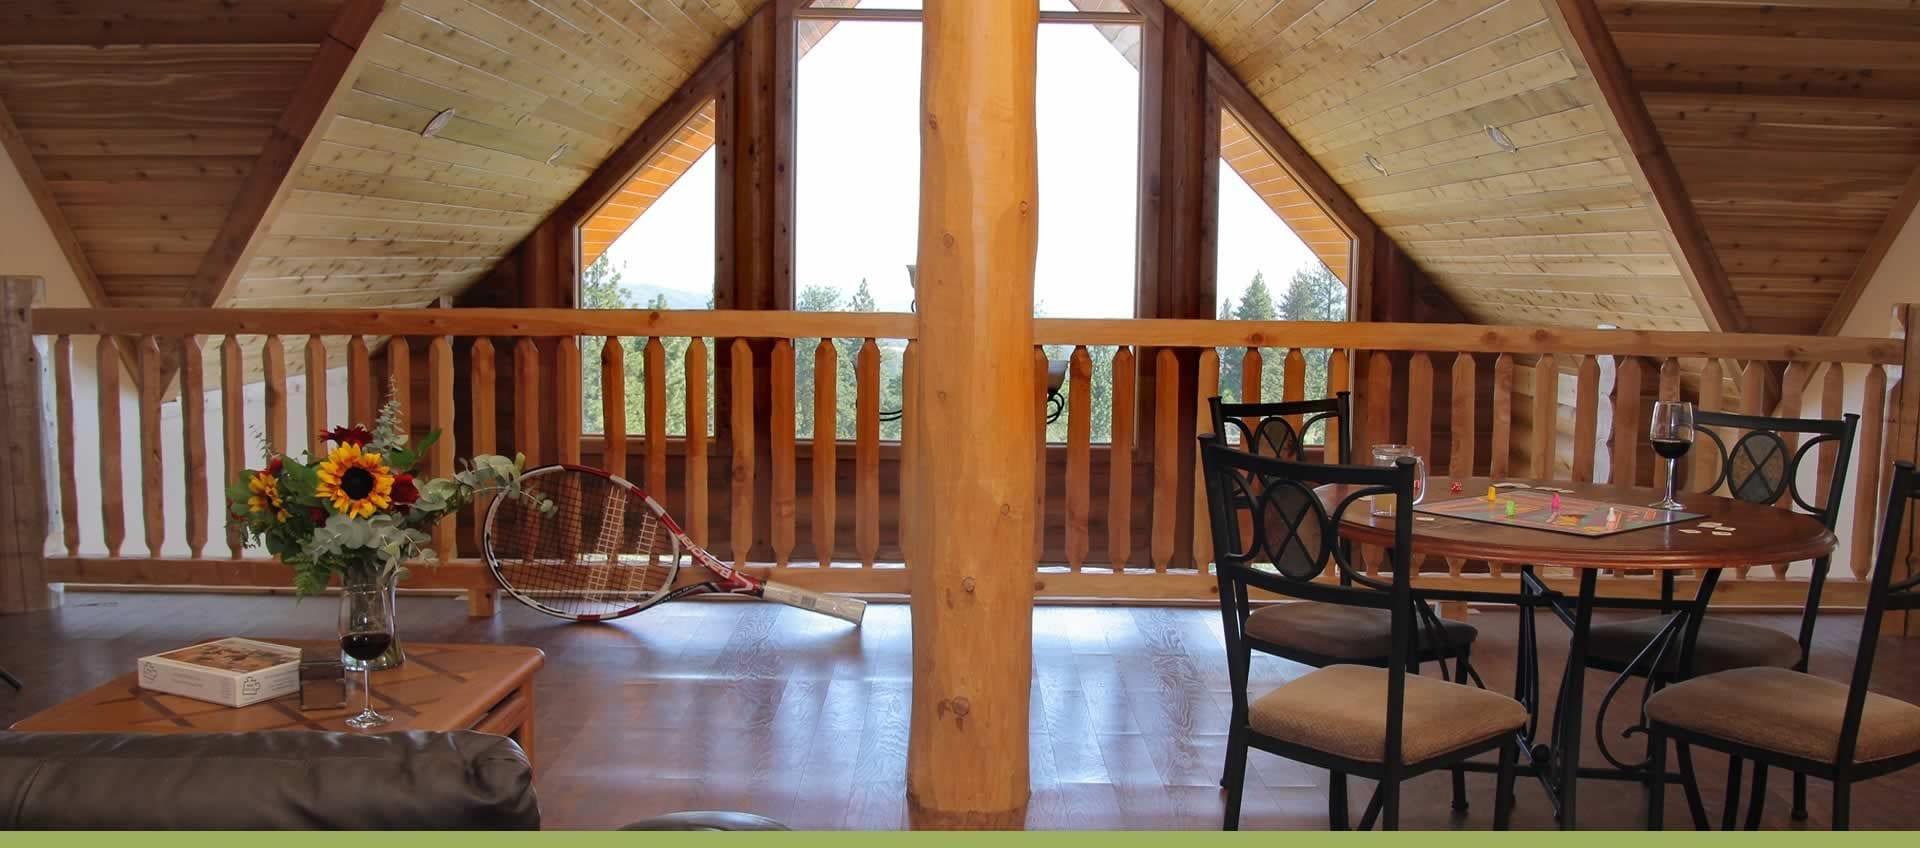 courtwood-loft-view2